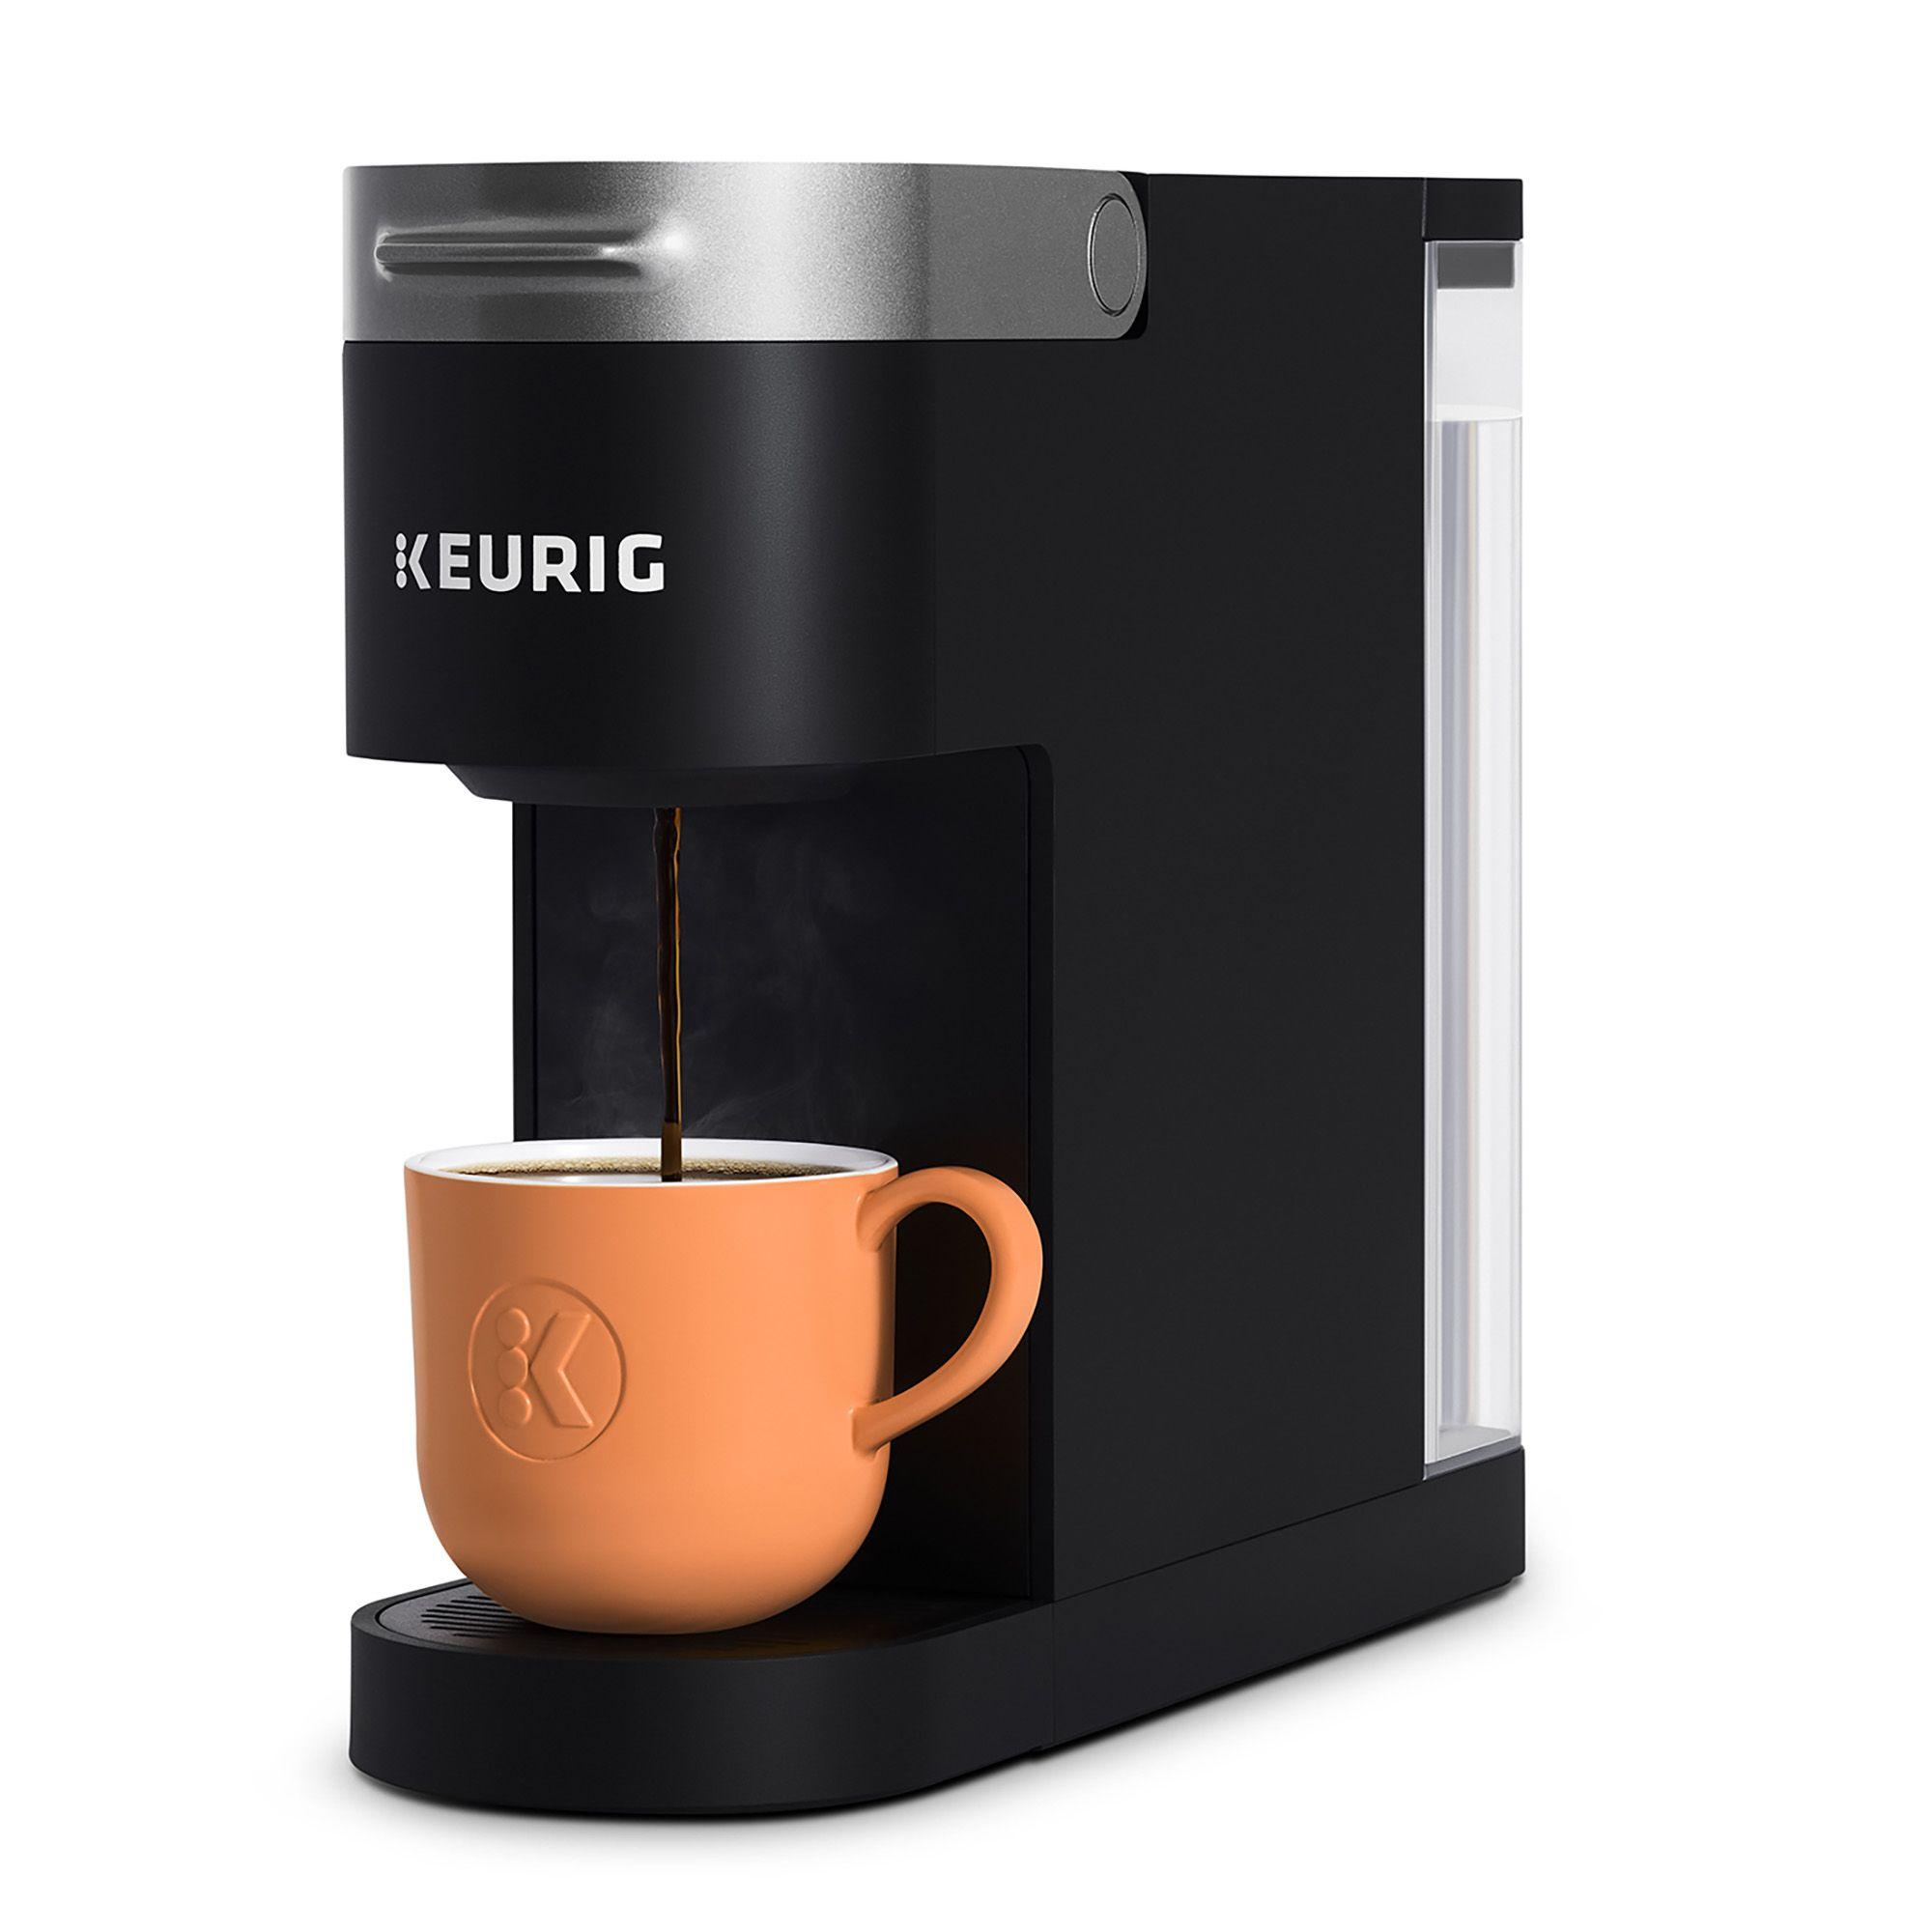 Keurig K-Slim Coffee Maker, Single Serve K-Cup Pod Coffee ...